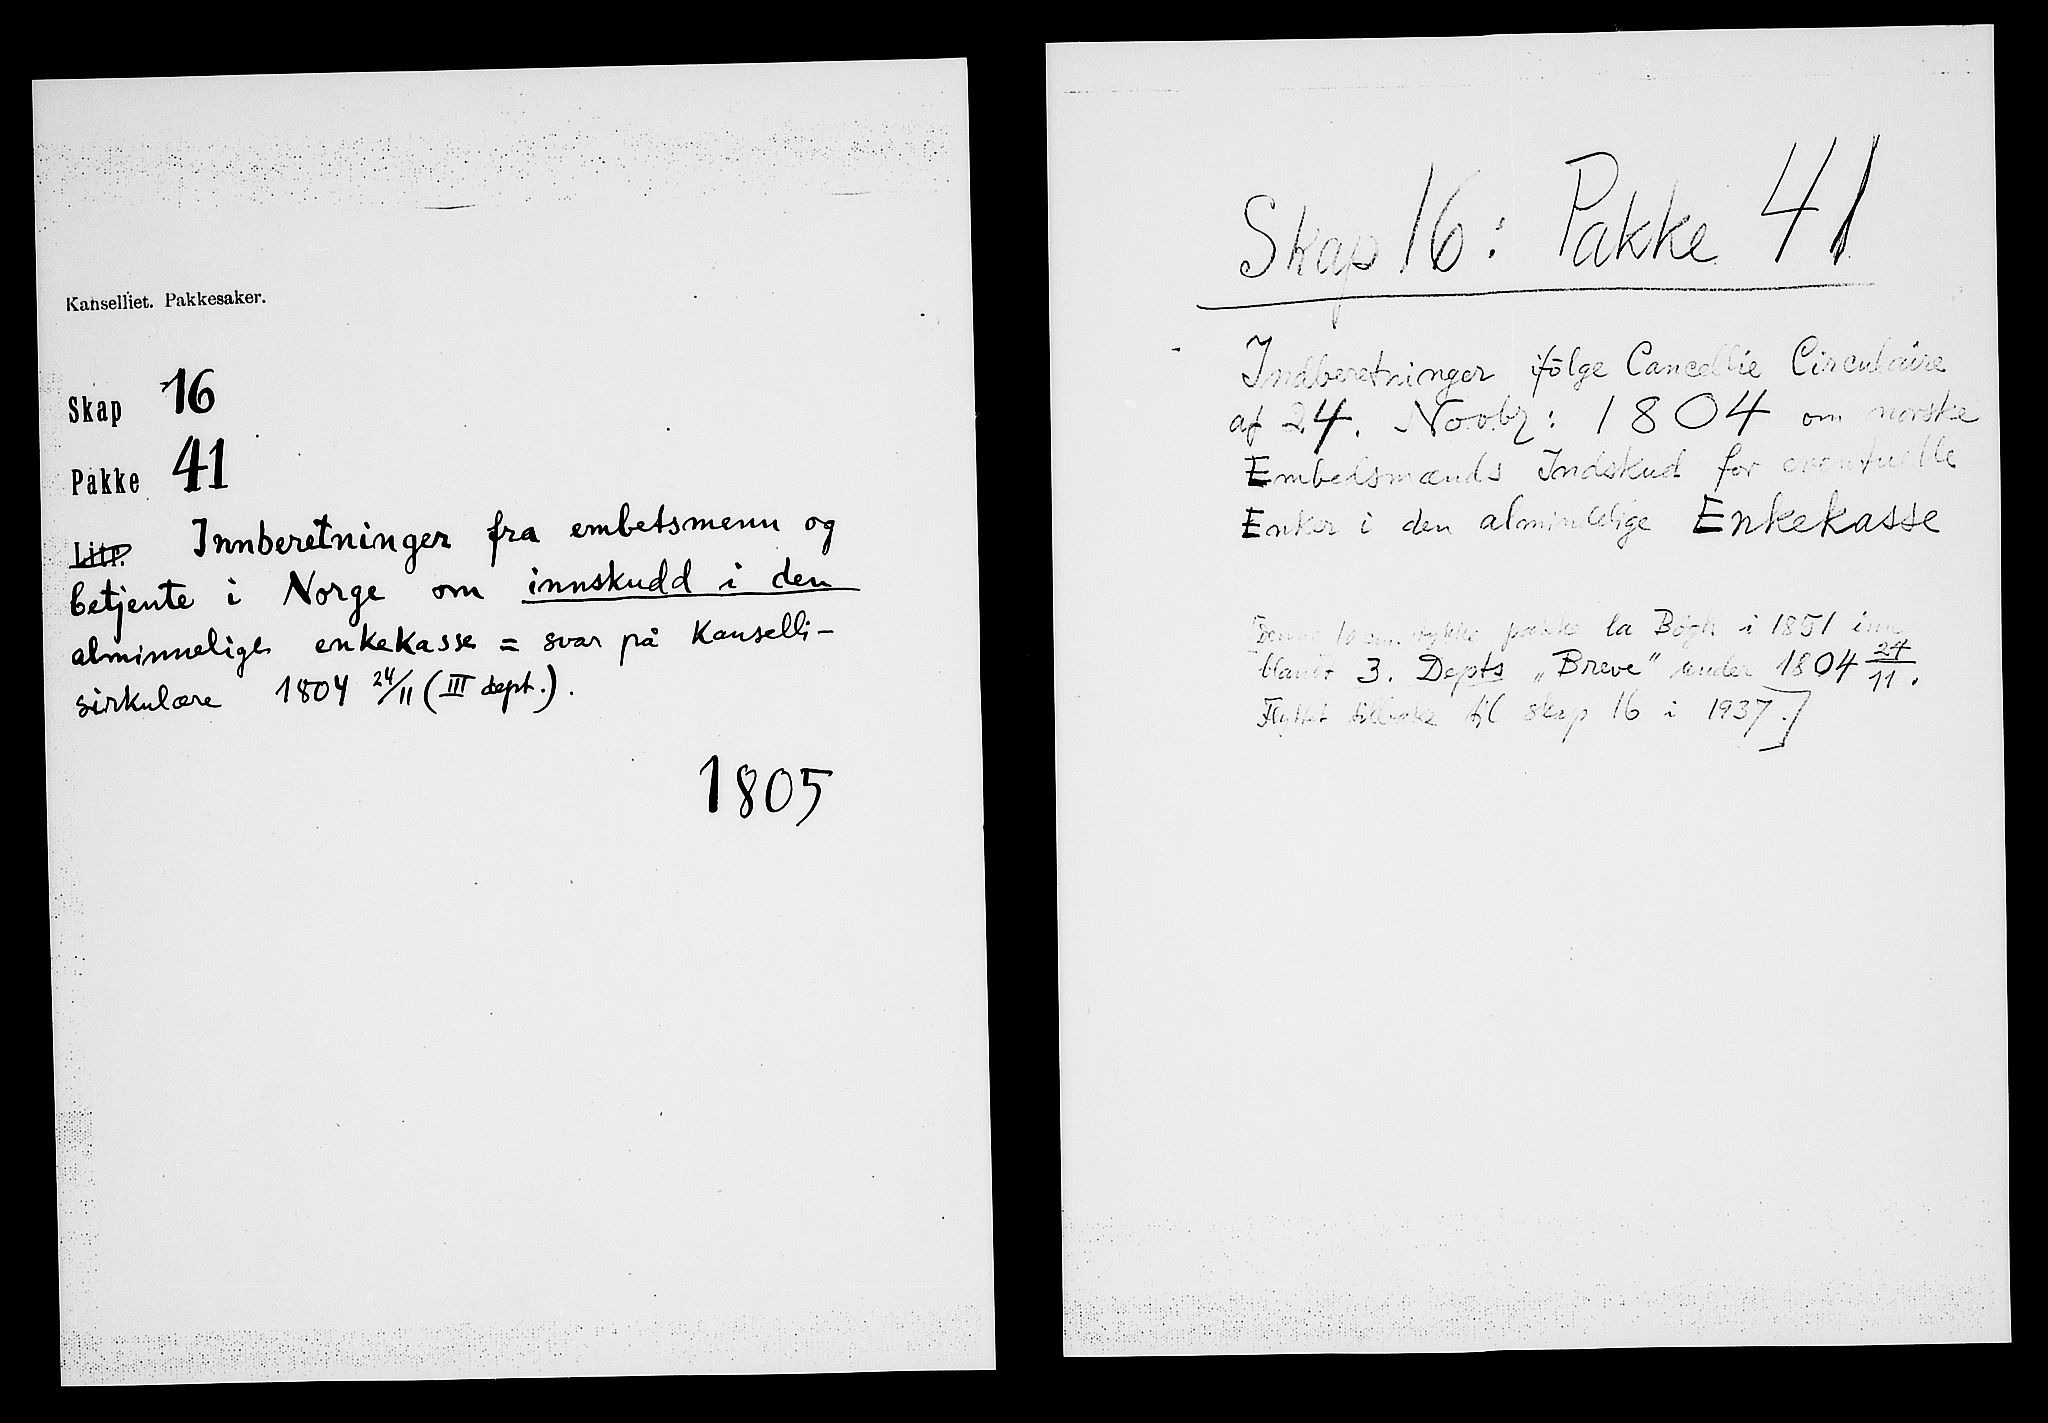 RA, Danske Kanselli, Skapsaker, F/L0115: Skap 16, pakke 41, 1805, p. 2